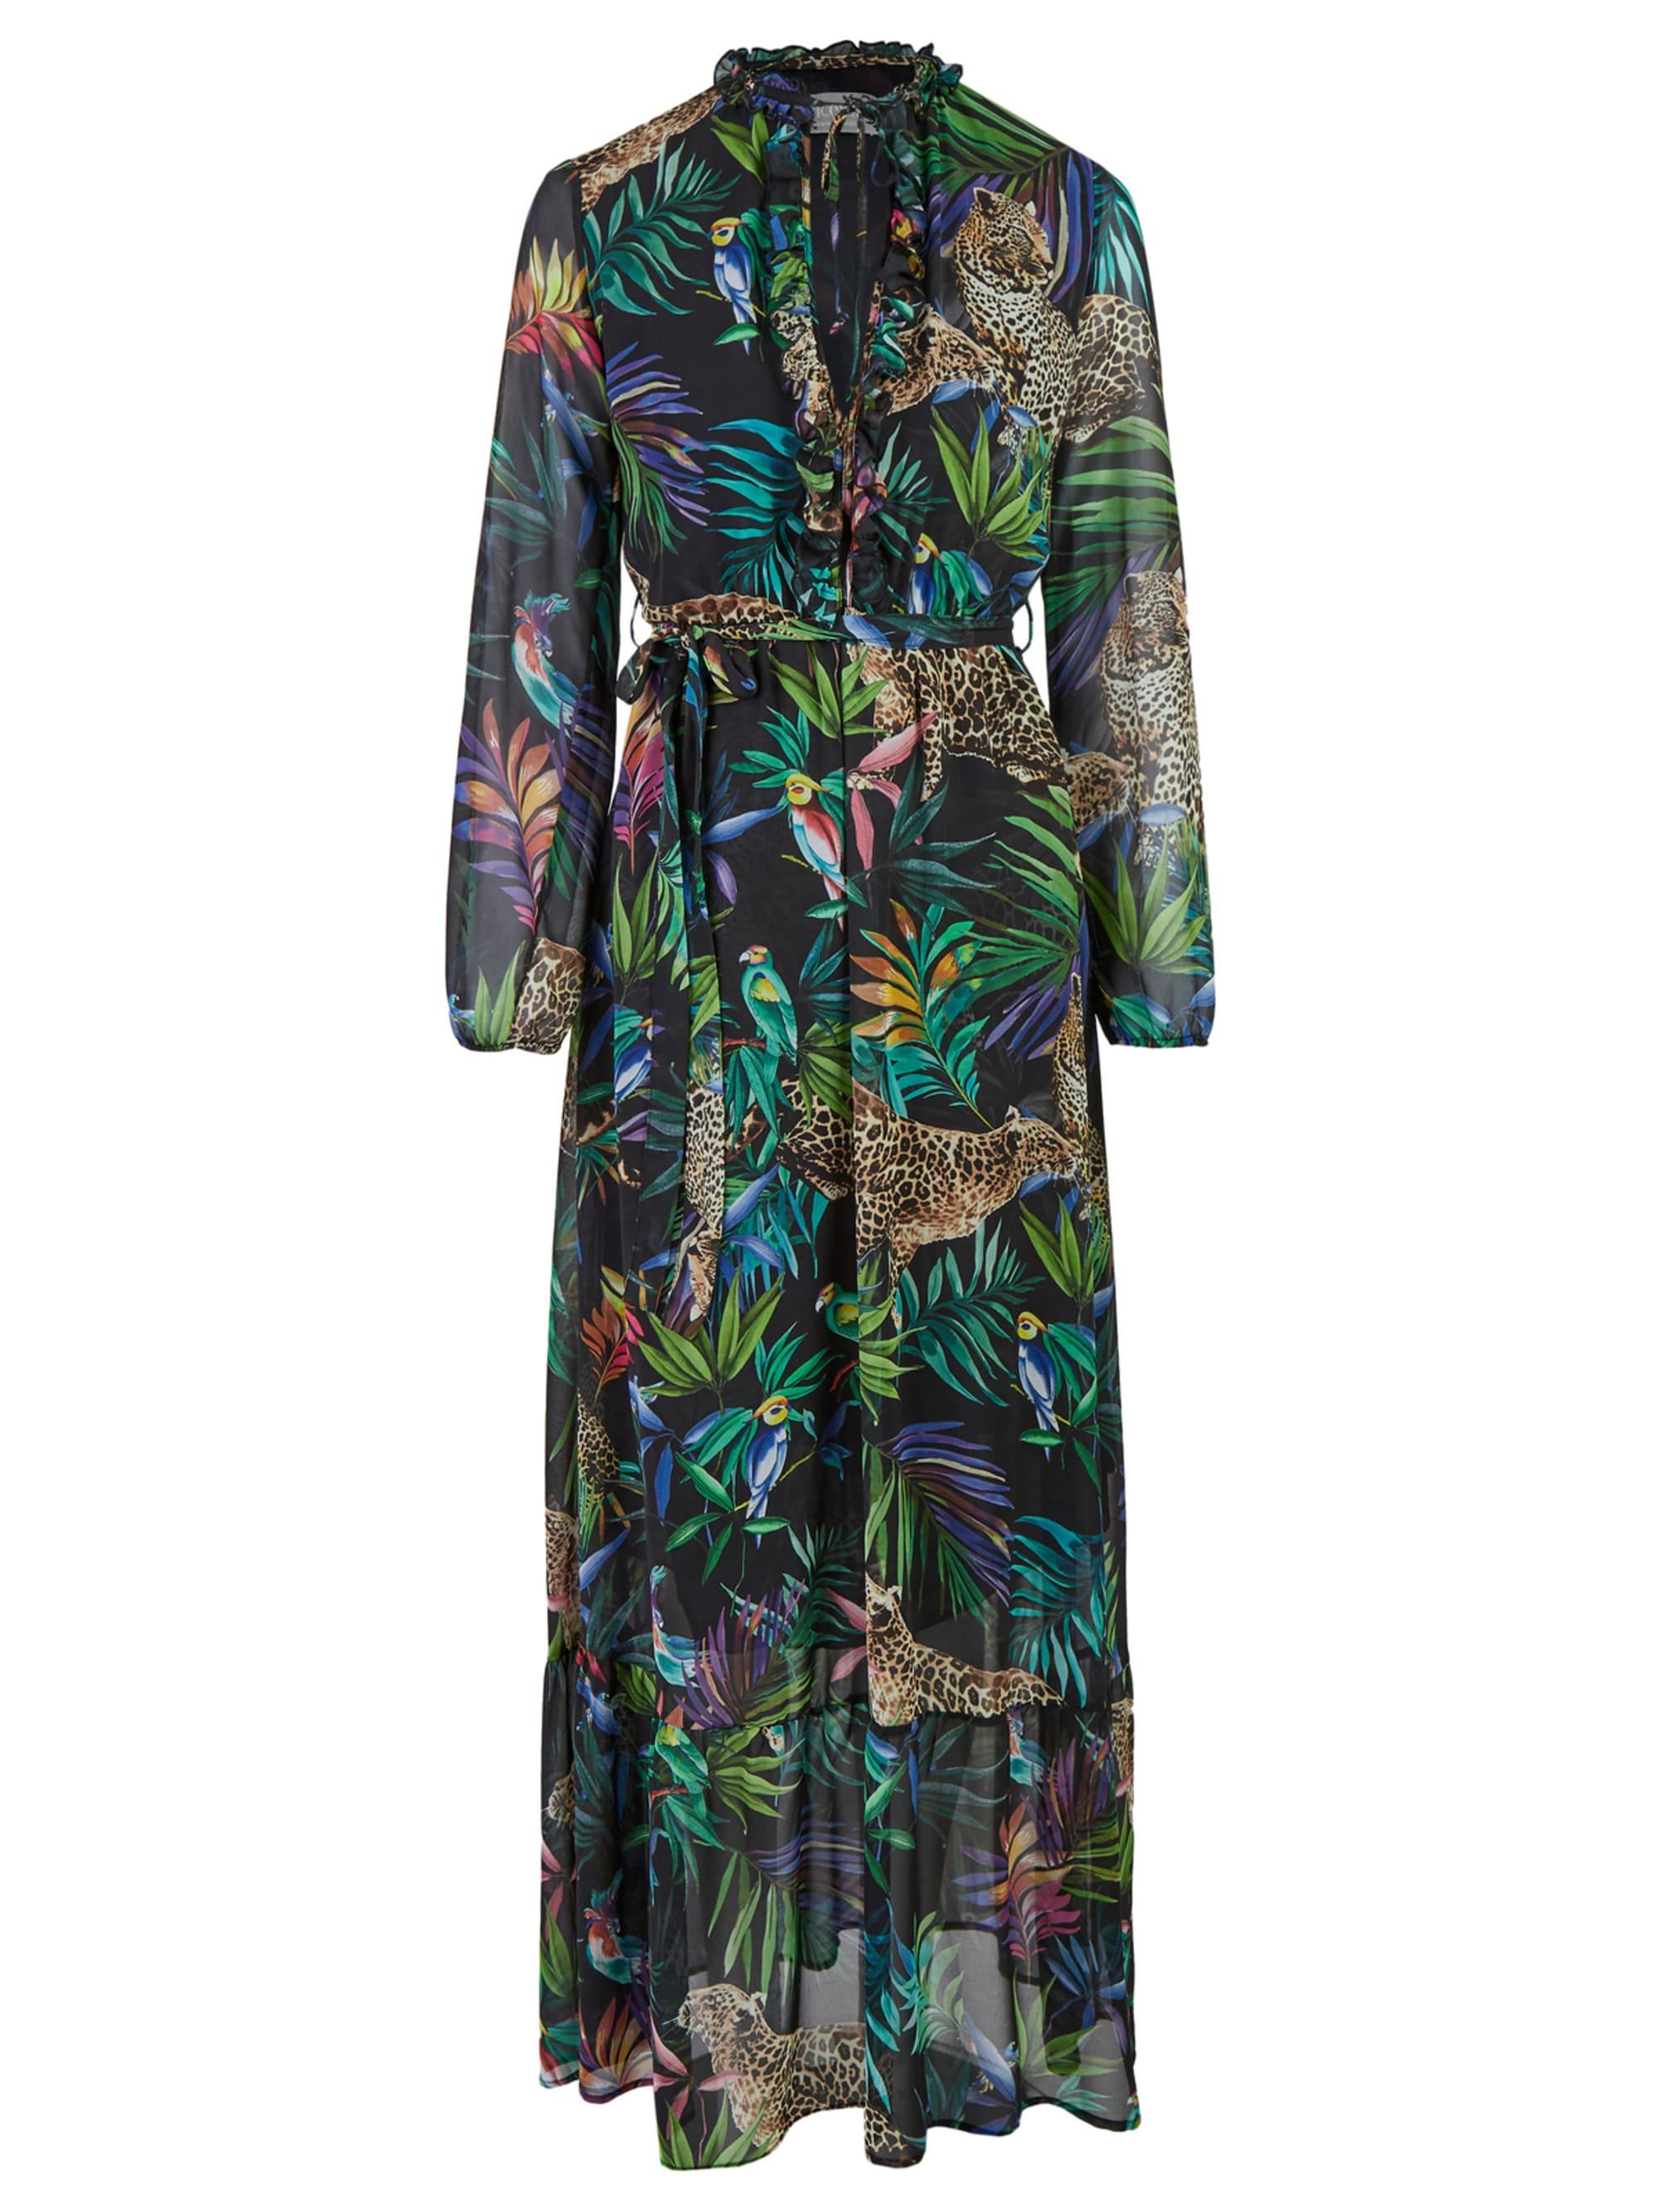 Nicowa Maxi-Kleid mit tropischem Allover-Print – ANIWA 5G5VX JsUPr